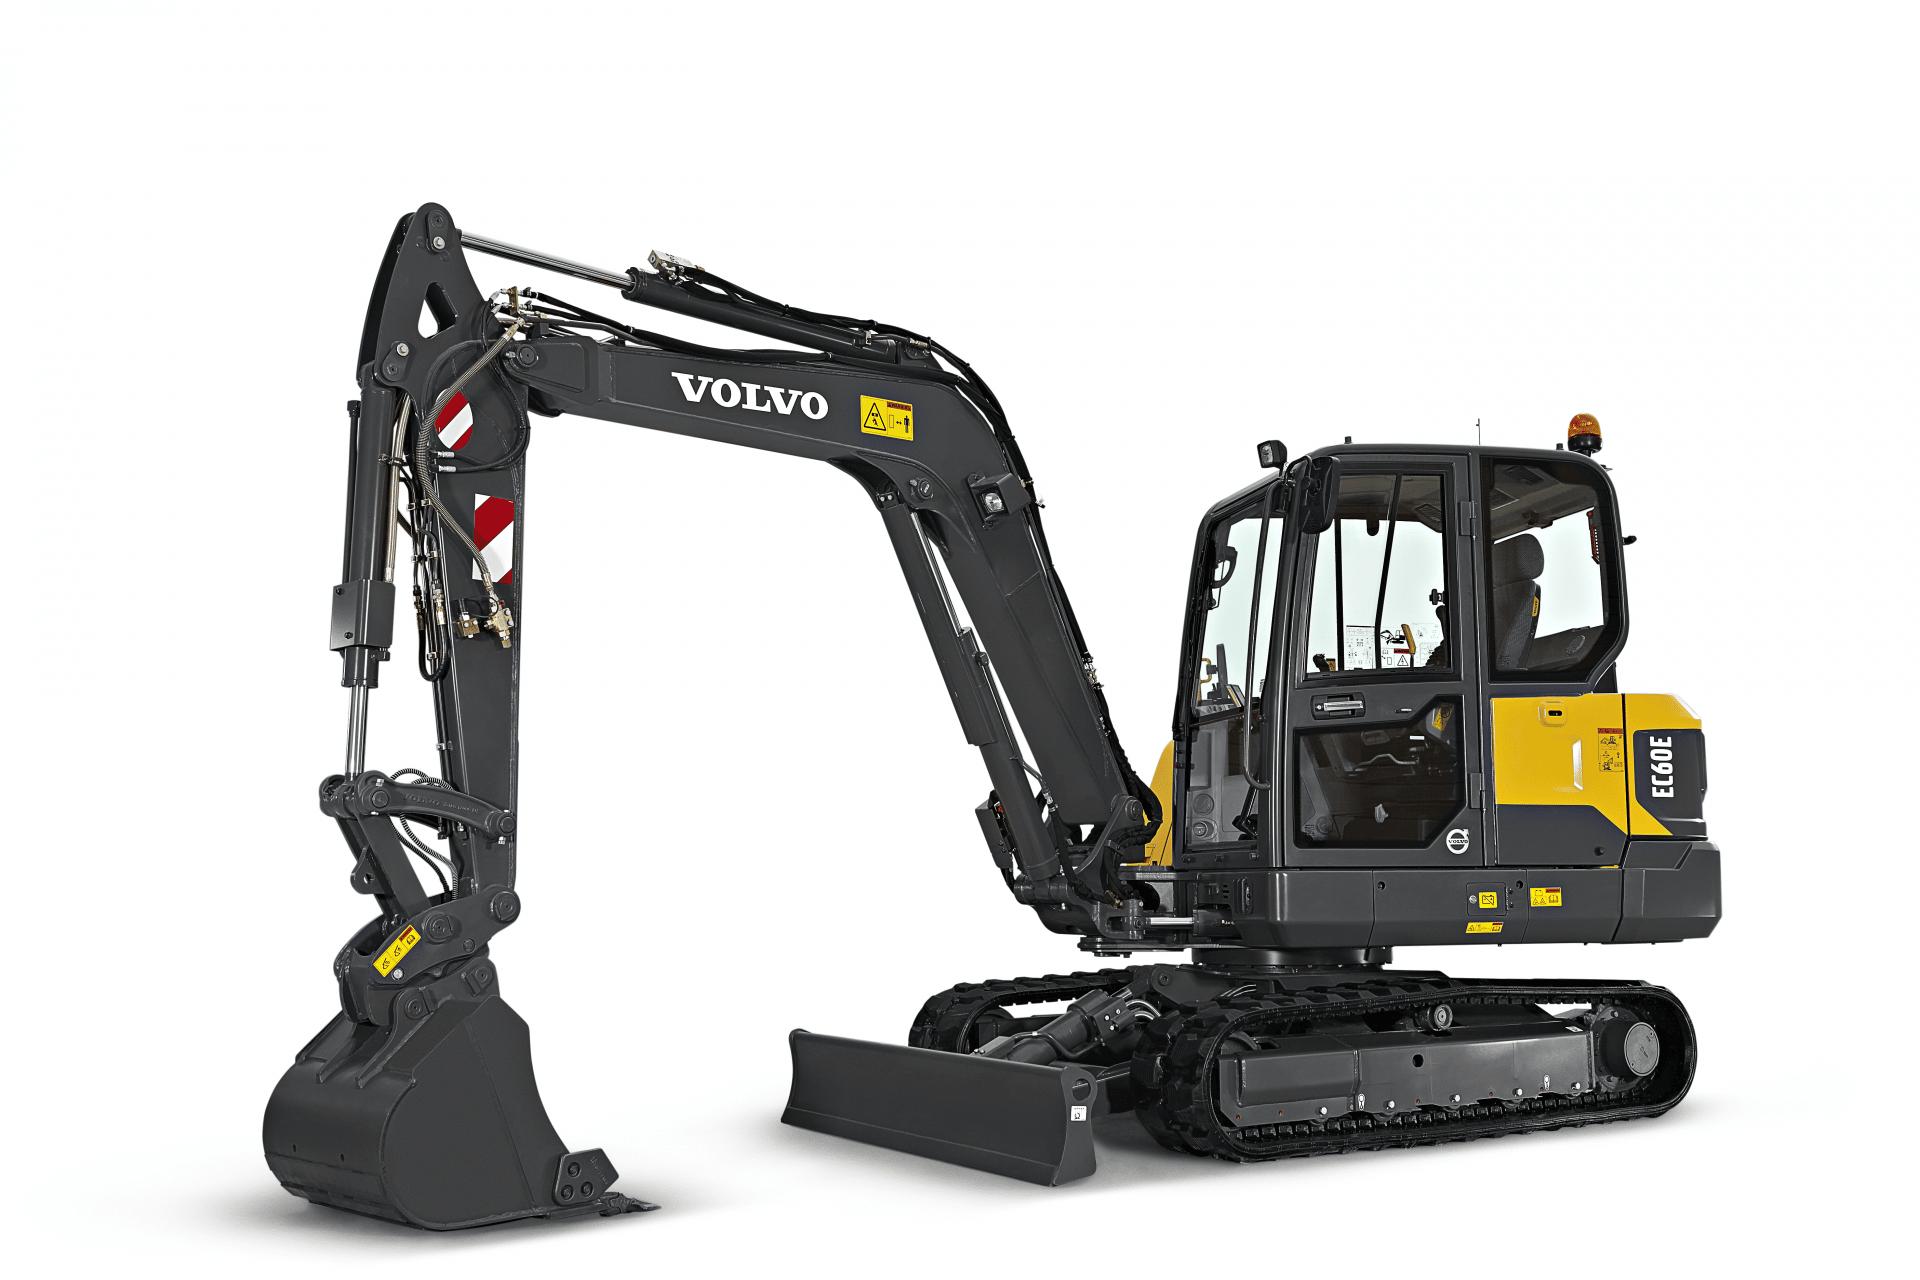 Baumaschinen Volvo Kompaktbagger